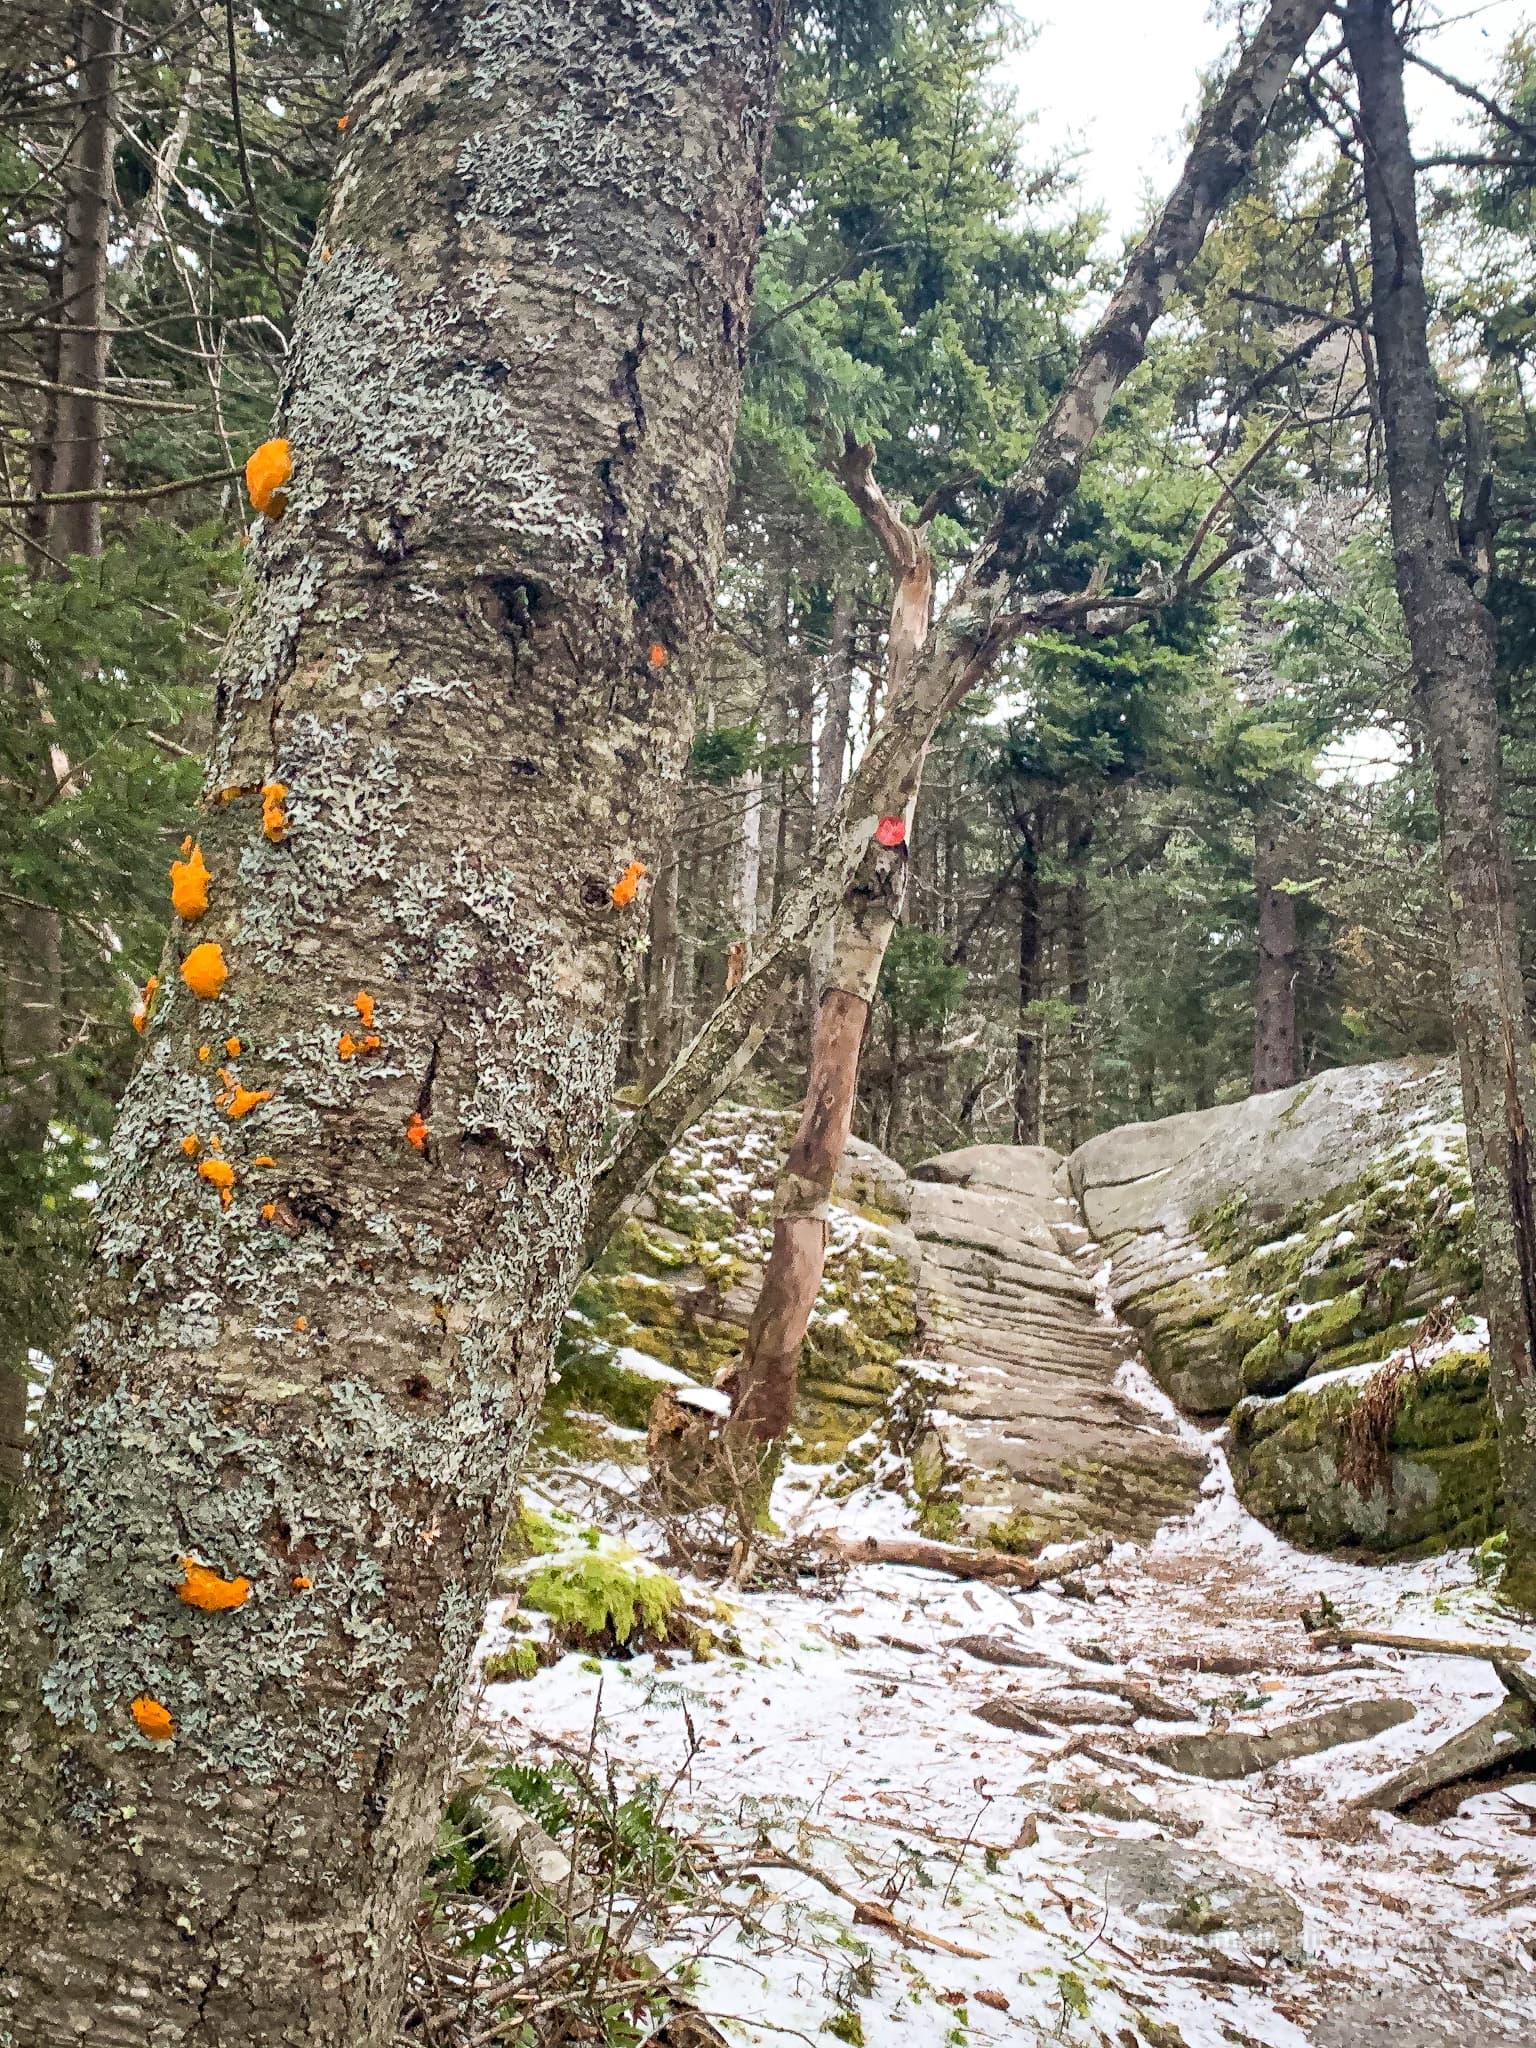 orange fungus on tree trunk